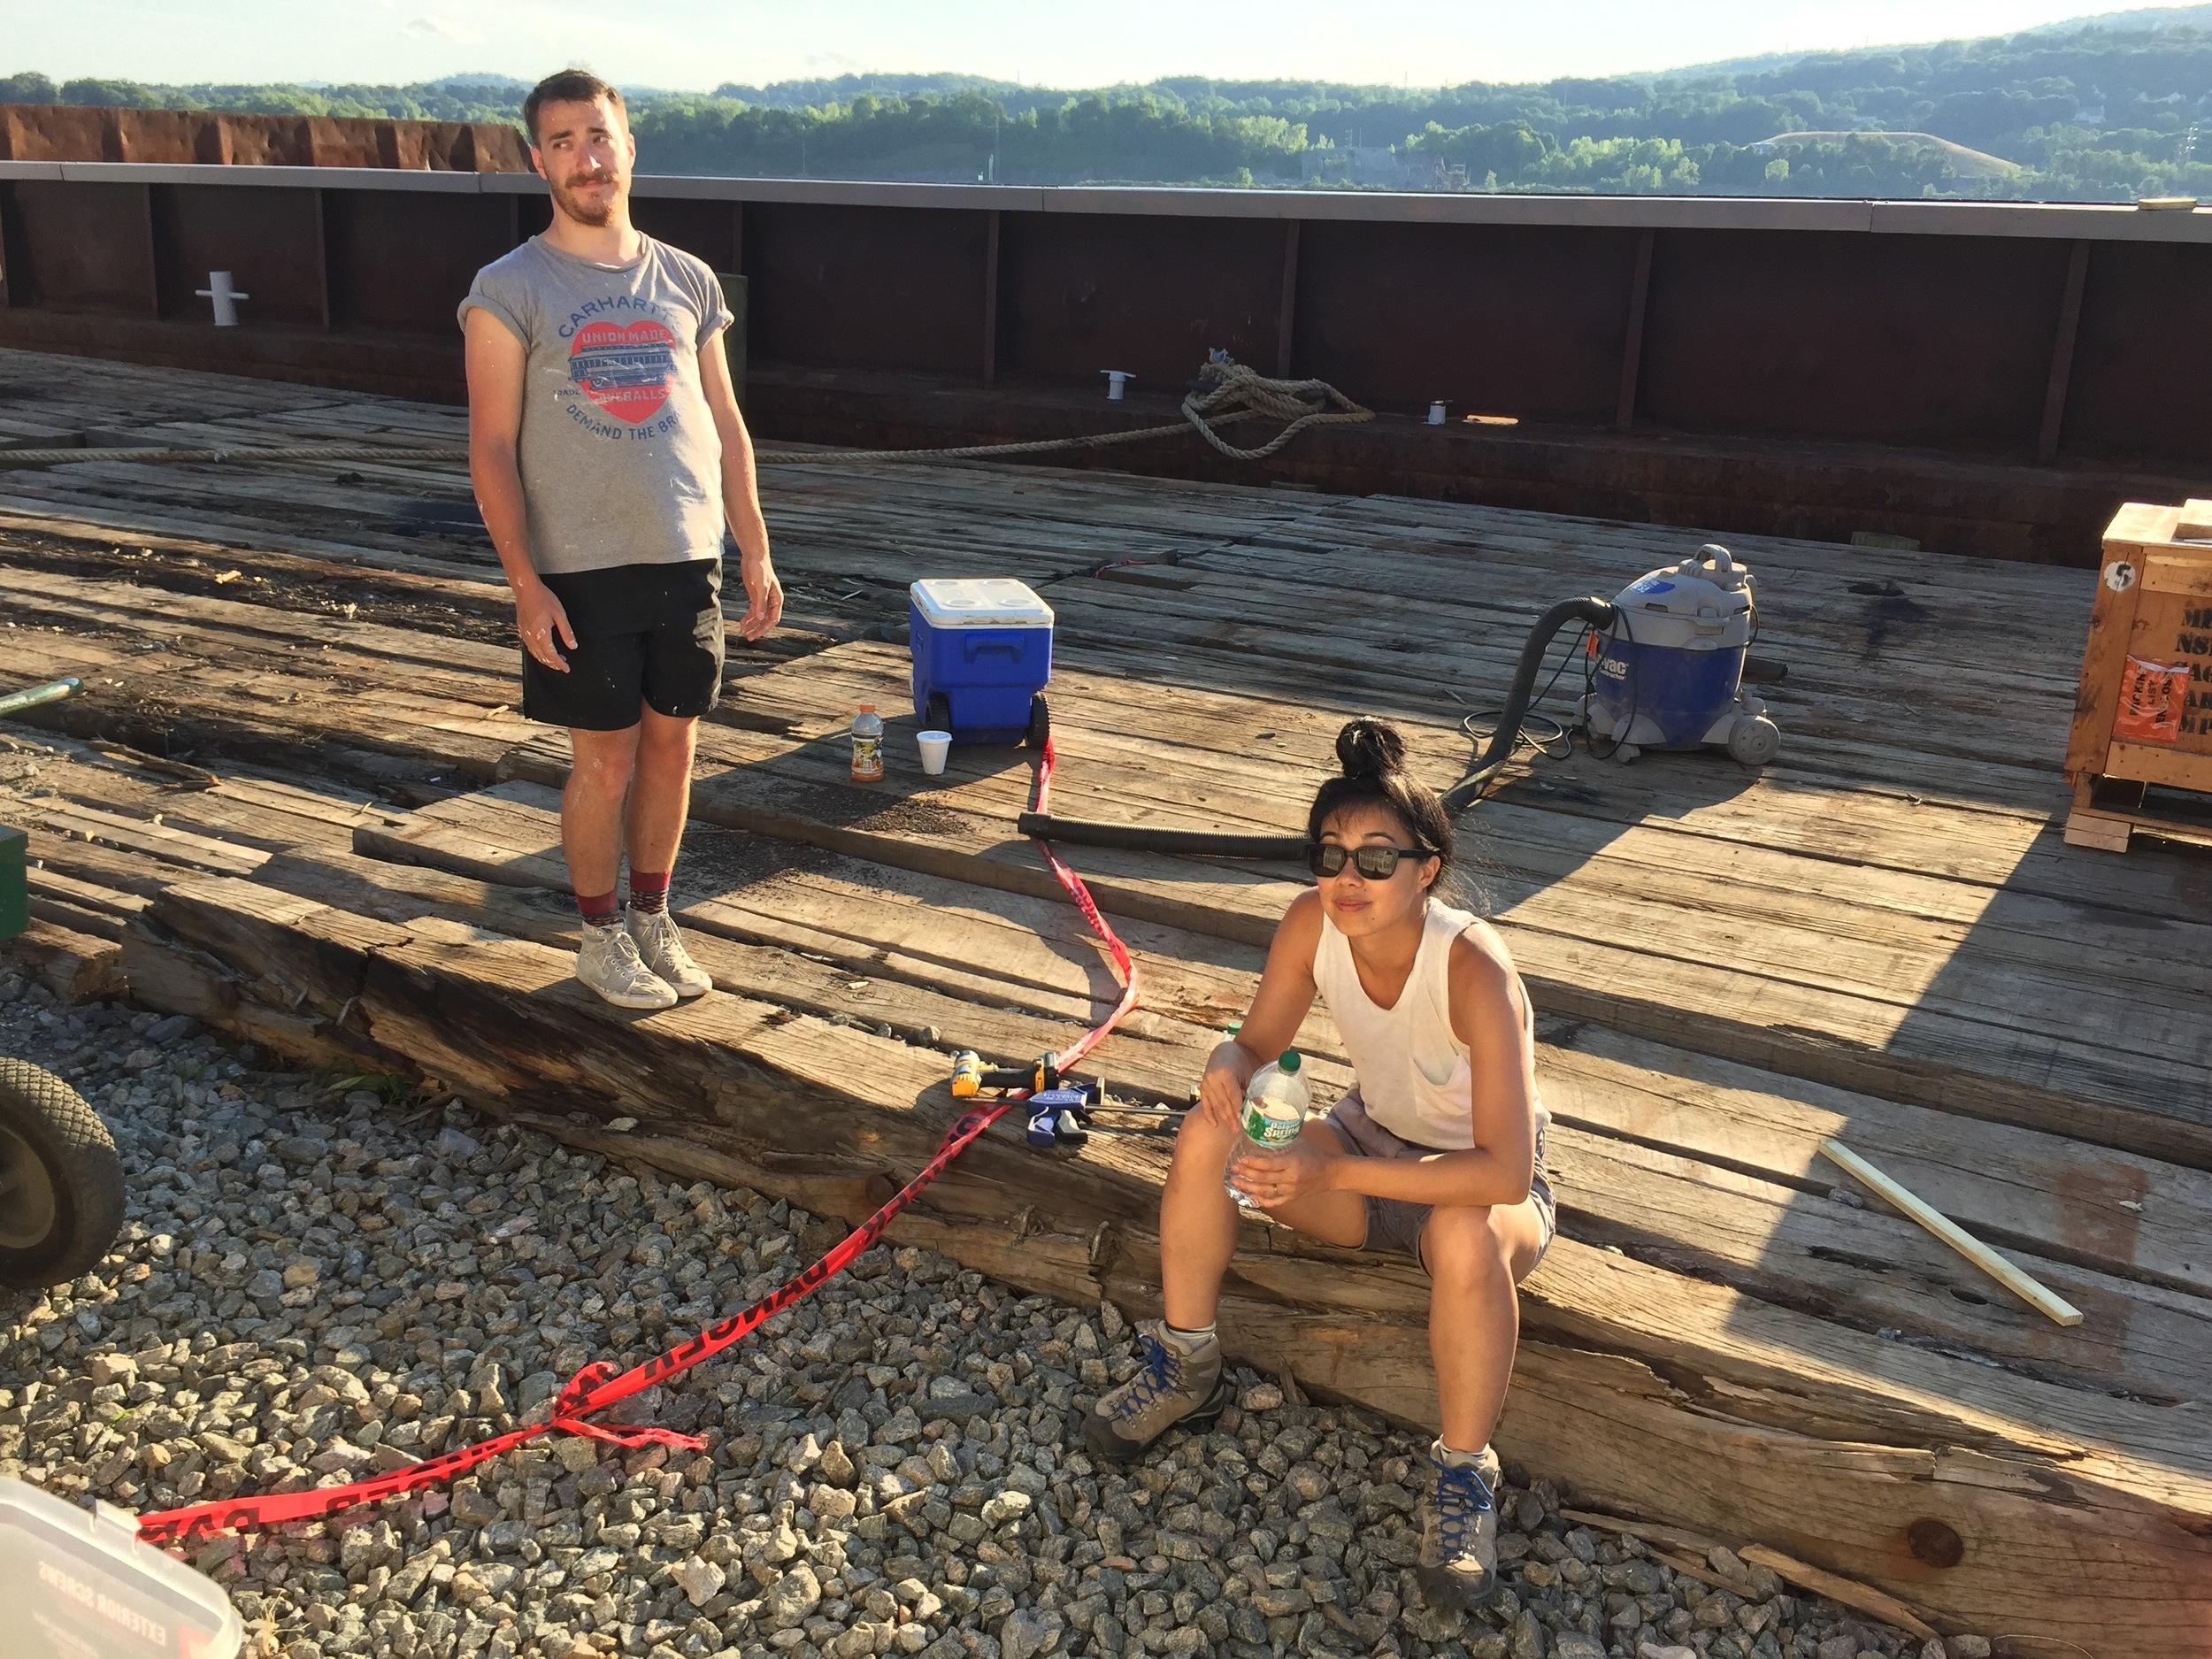 Daniel and Terri taking a break.